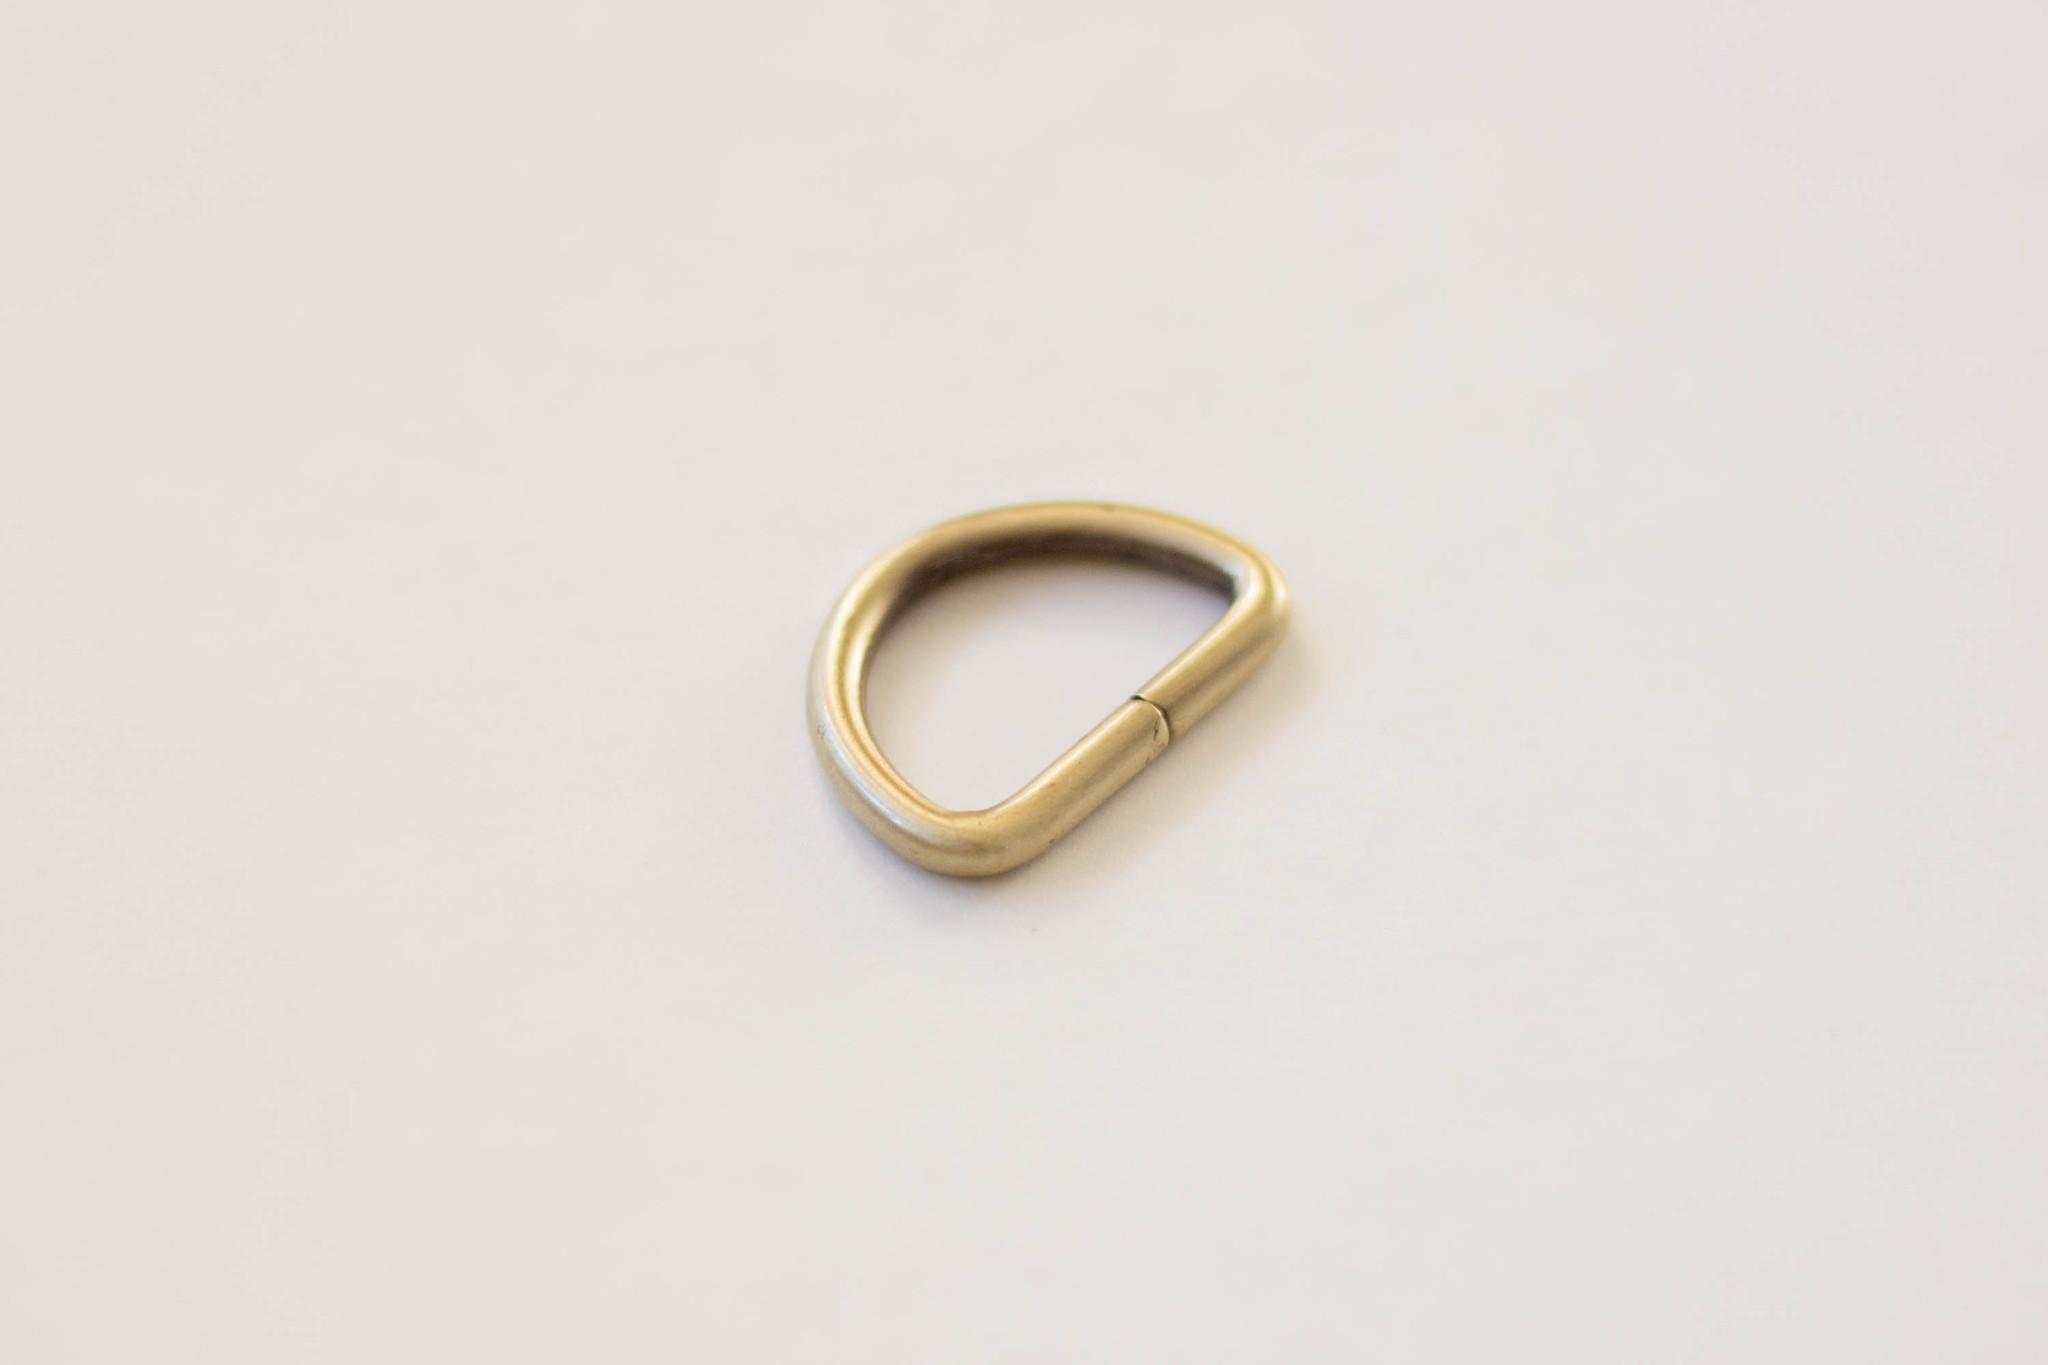 Полукольцо 25 мм - латунь